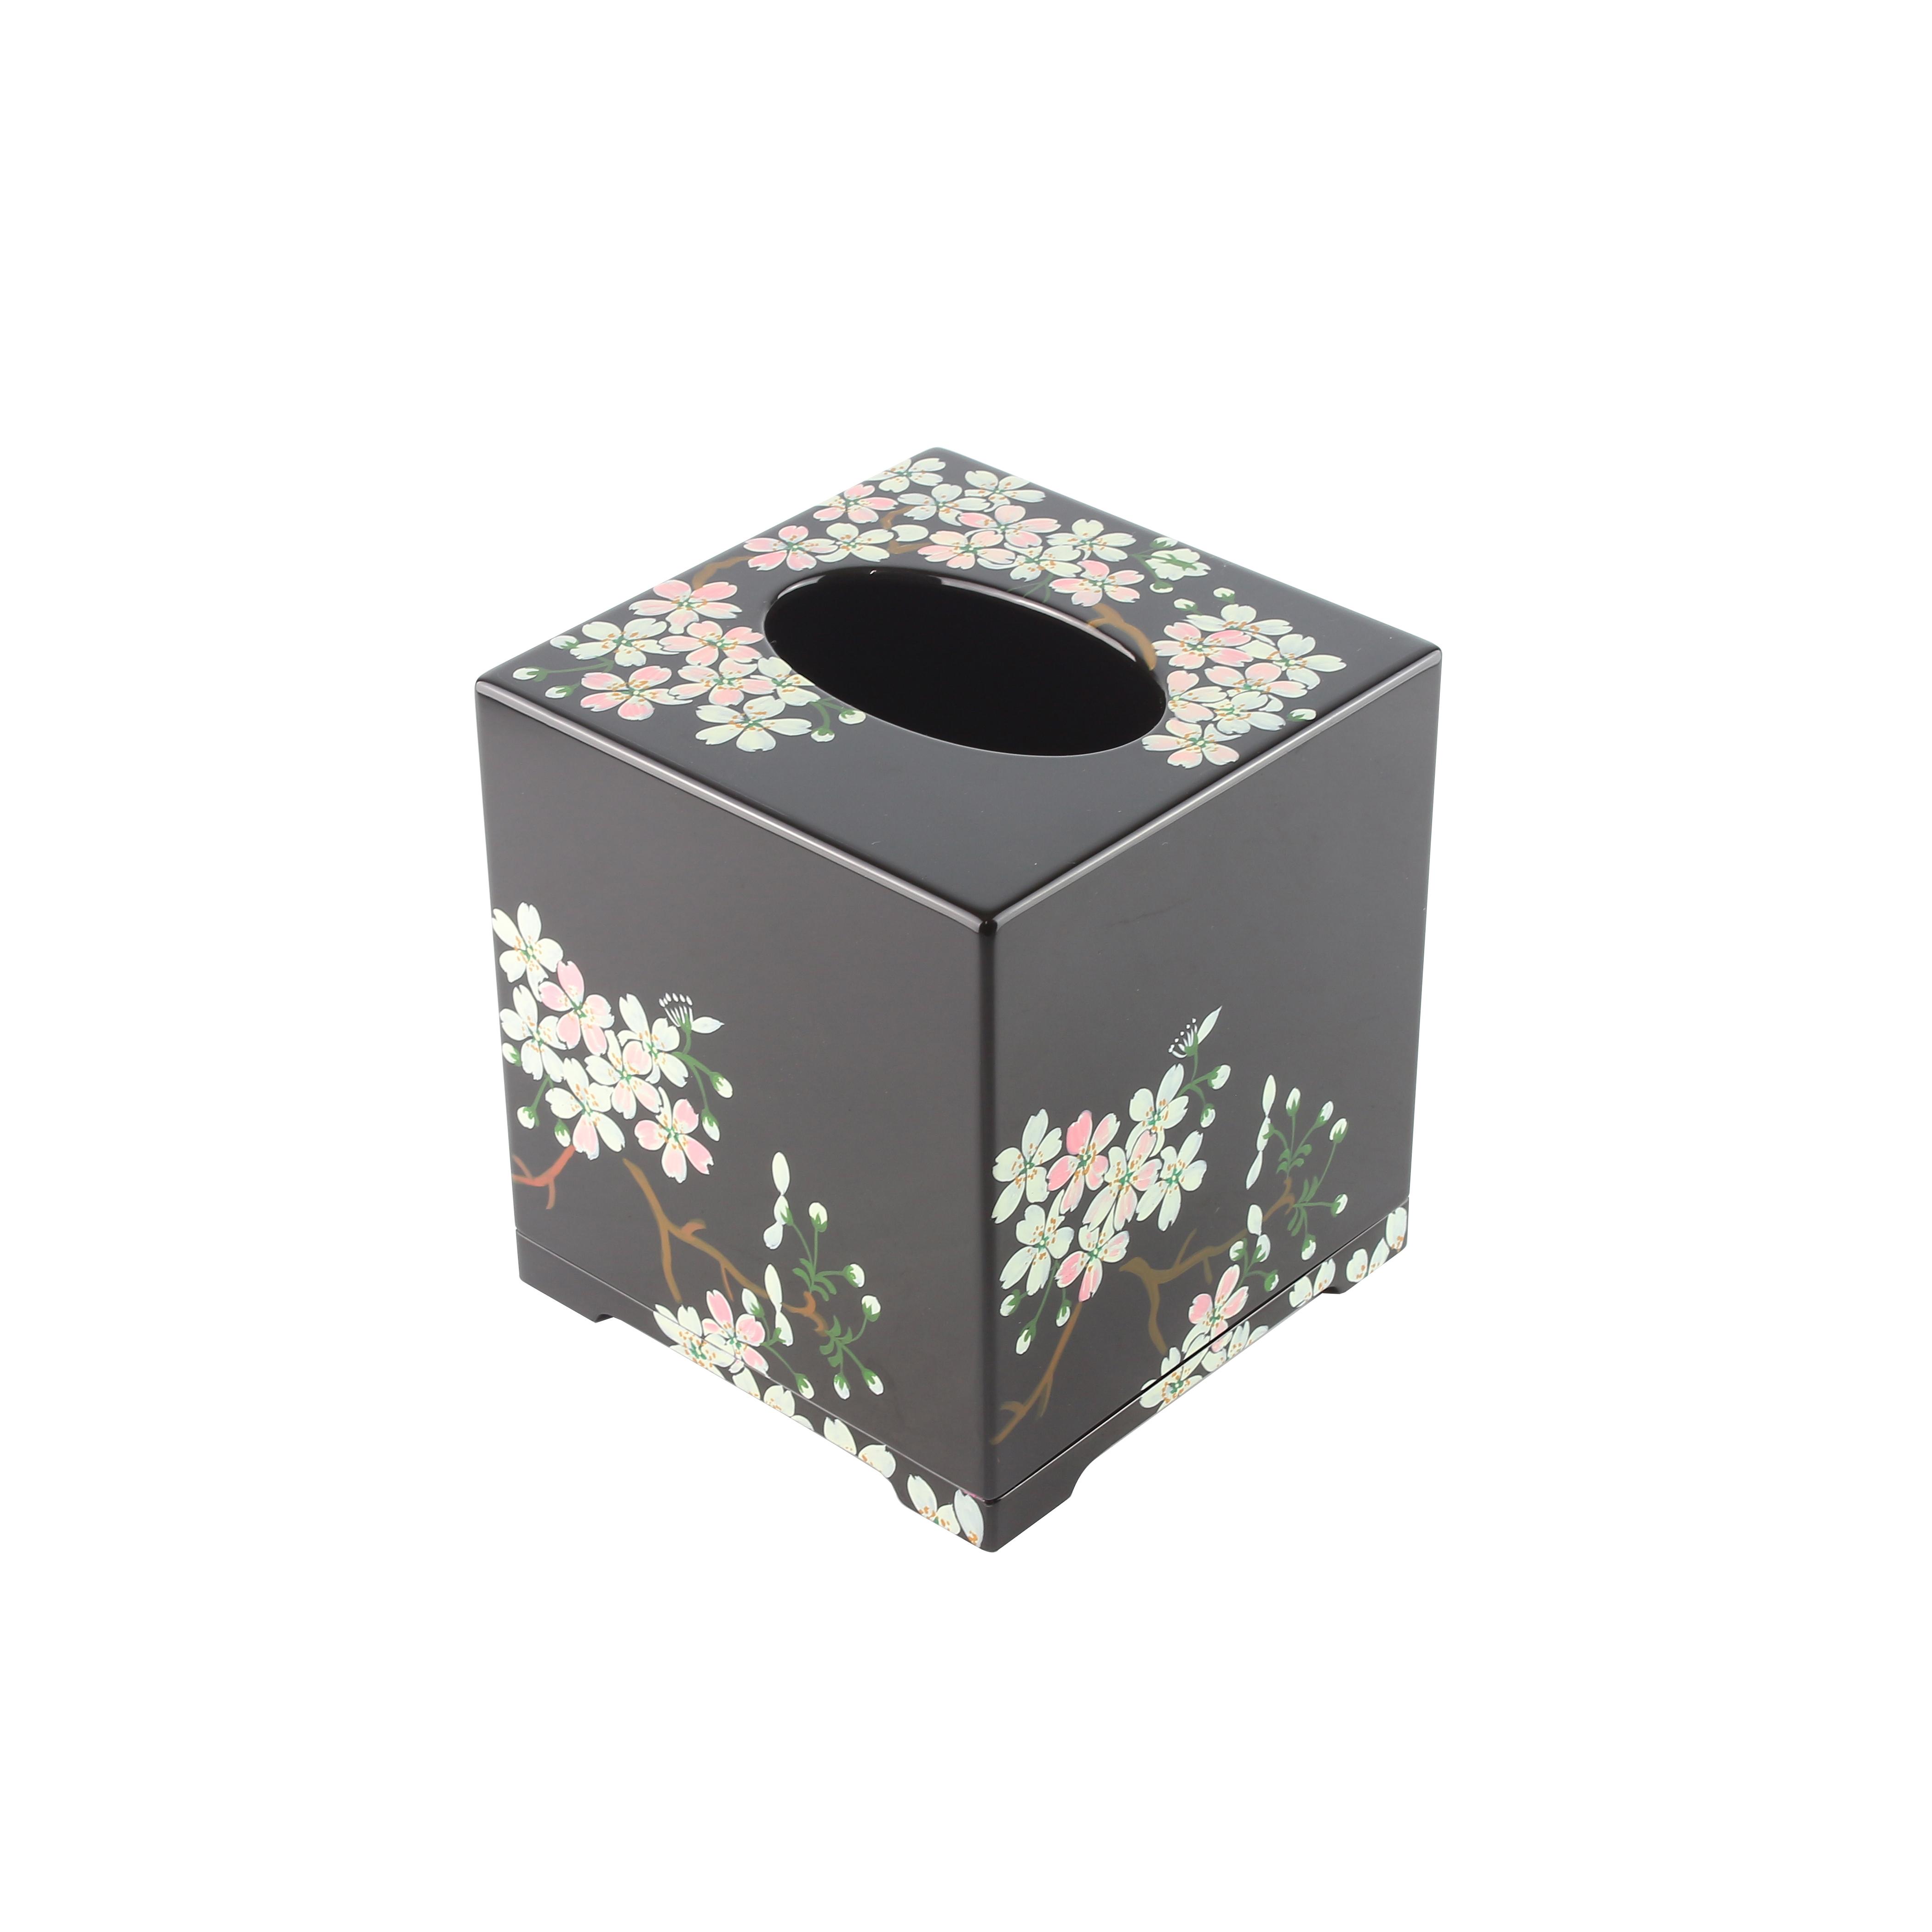 Flower Tissue Box